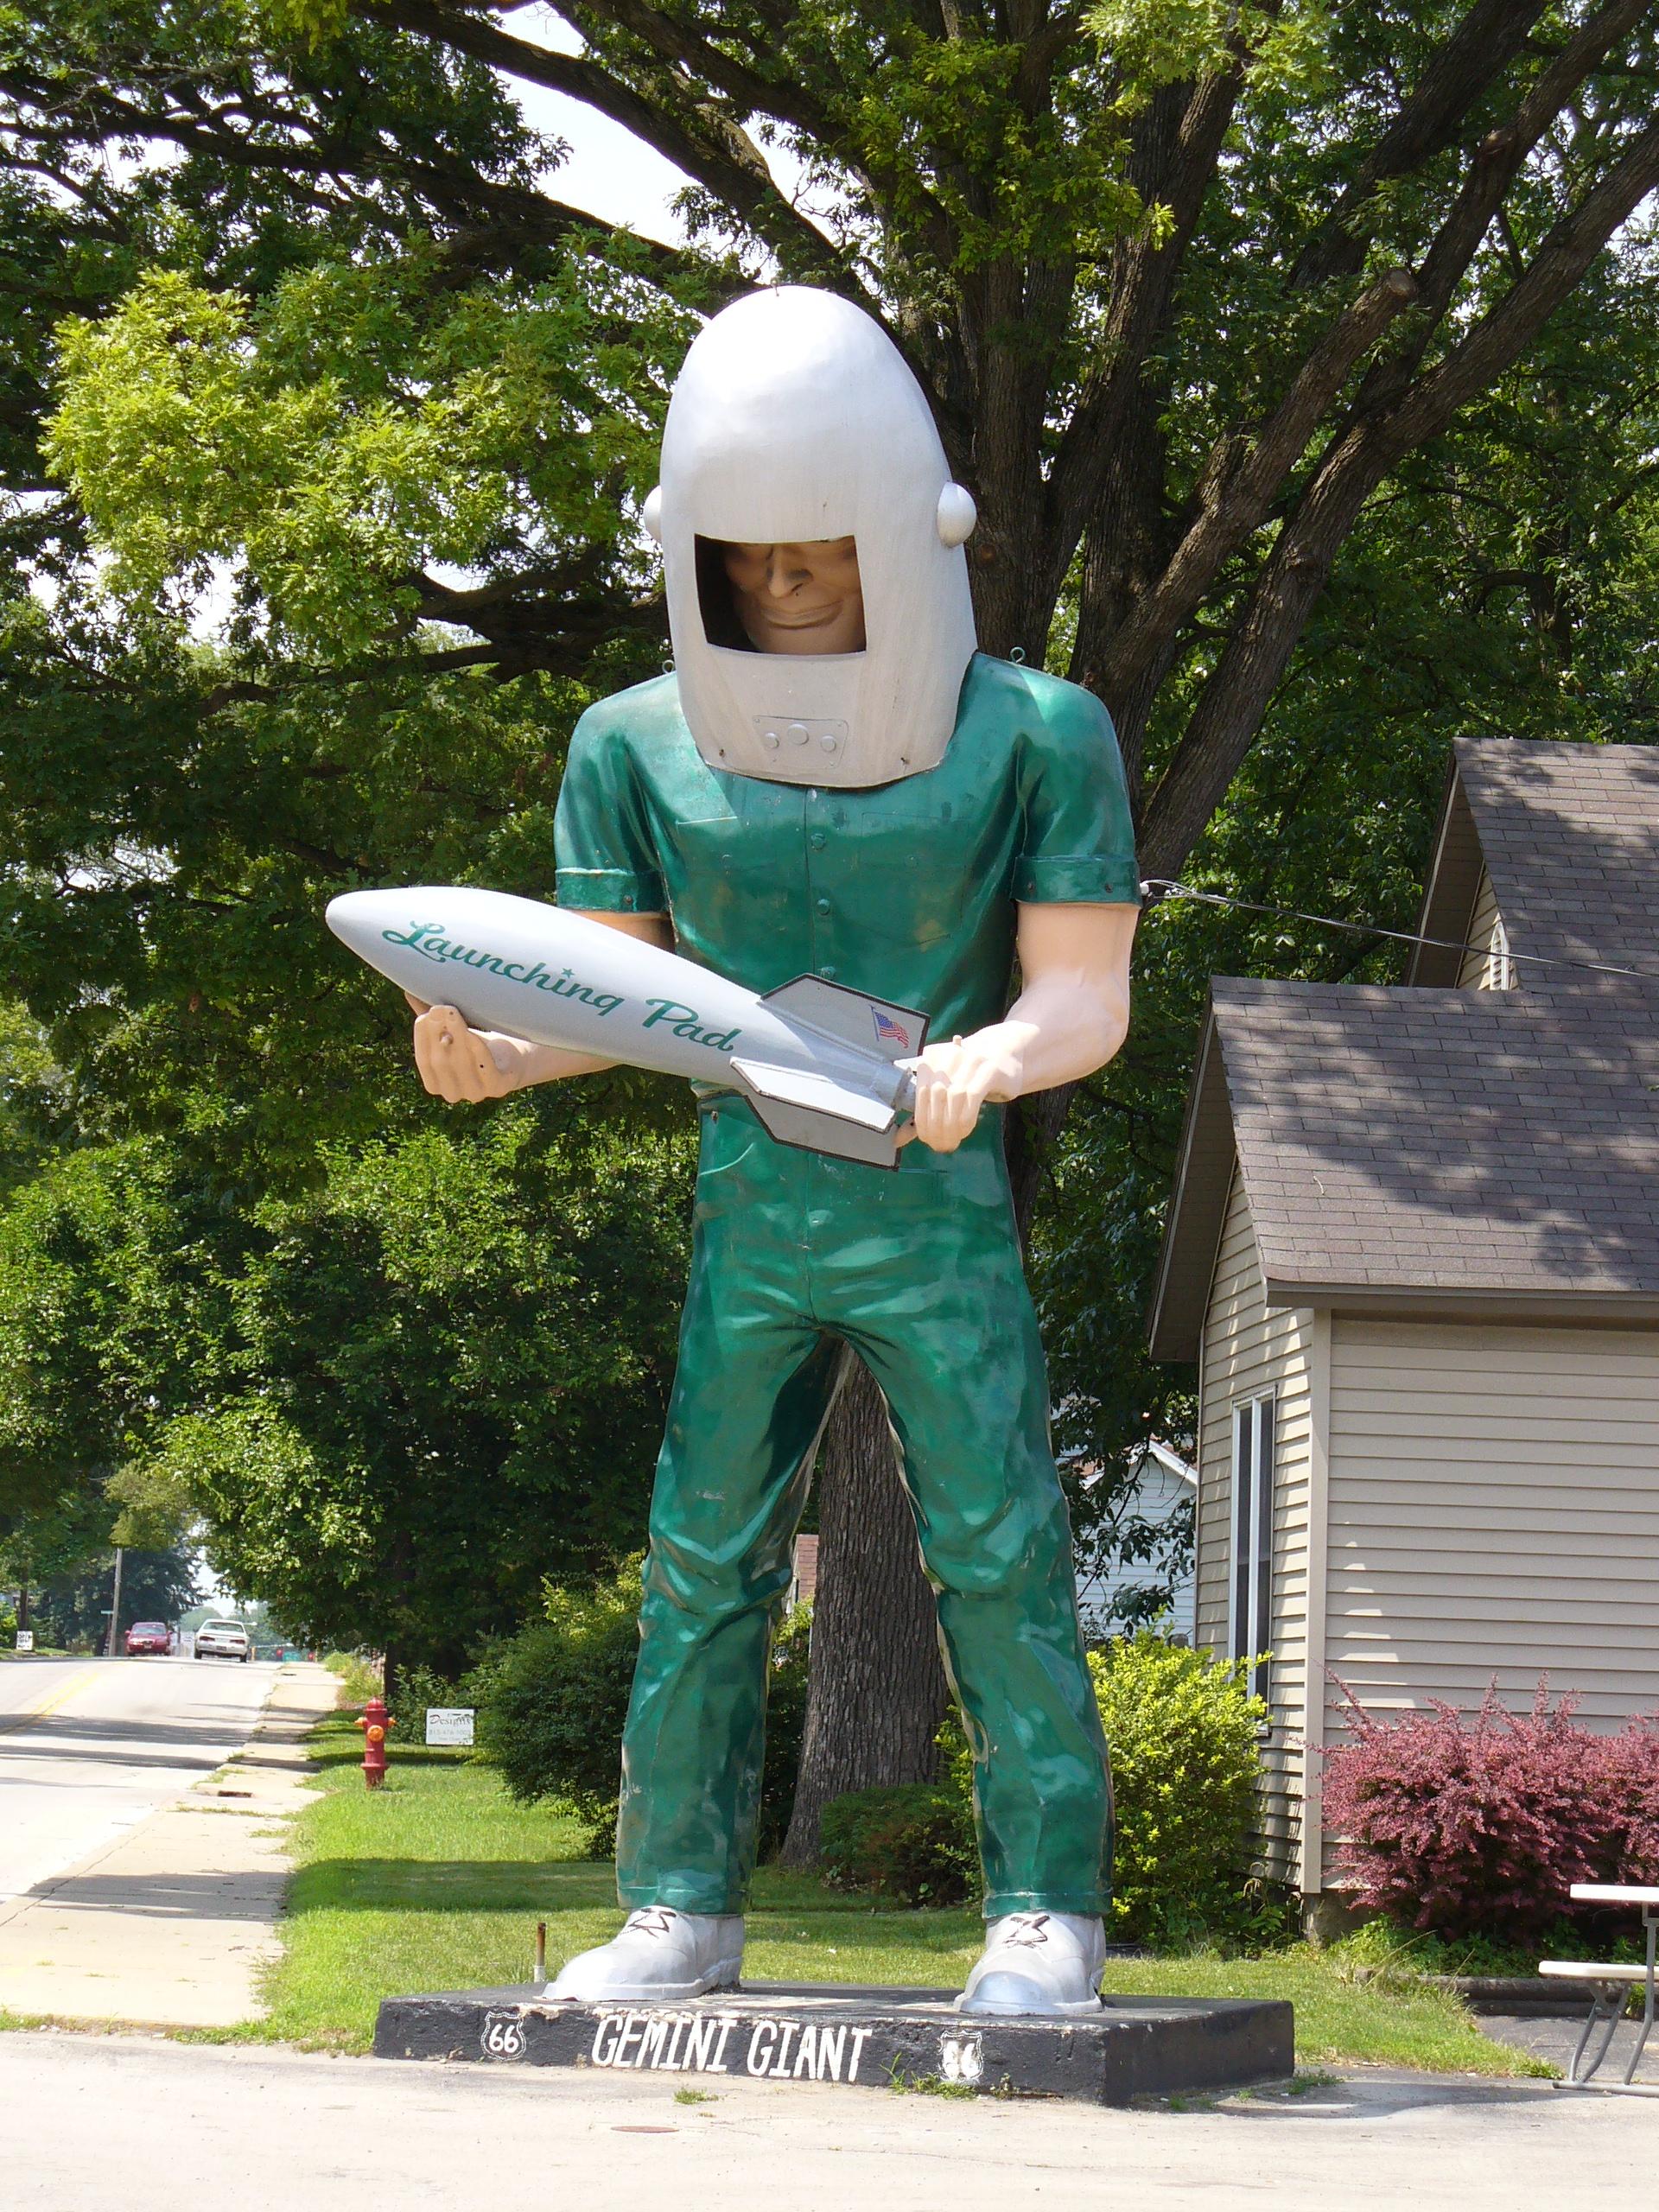 Giant alert!  Gemini Man